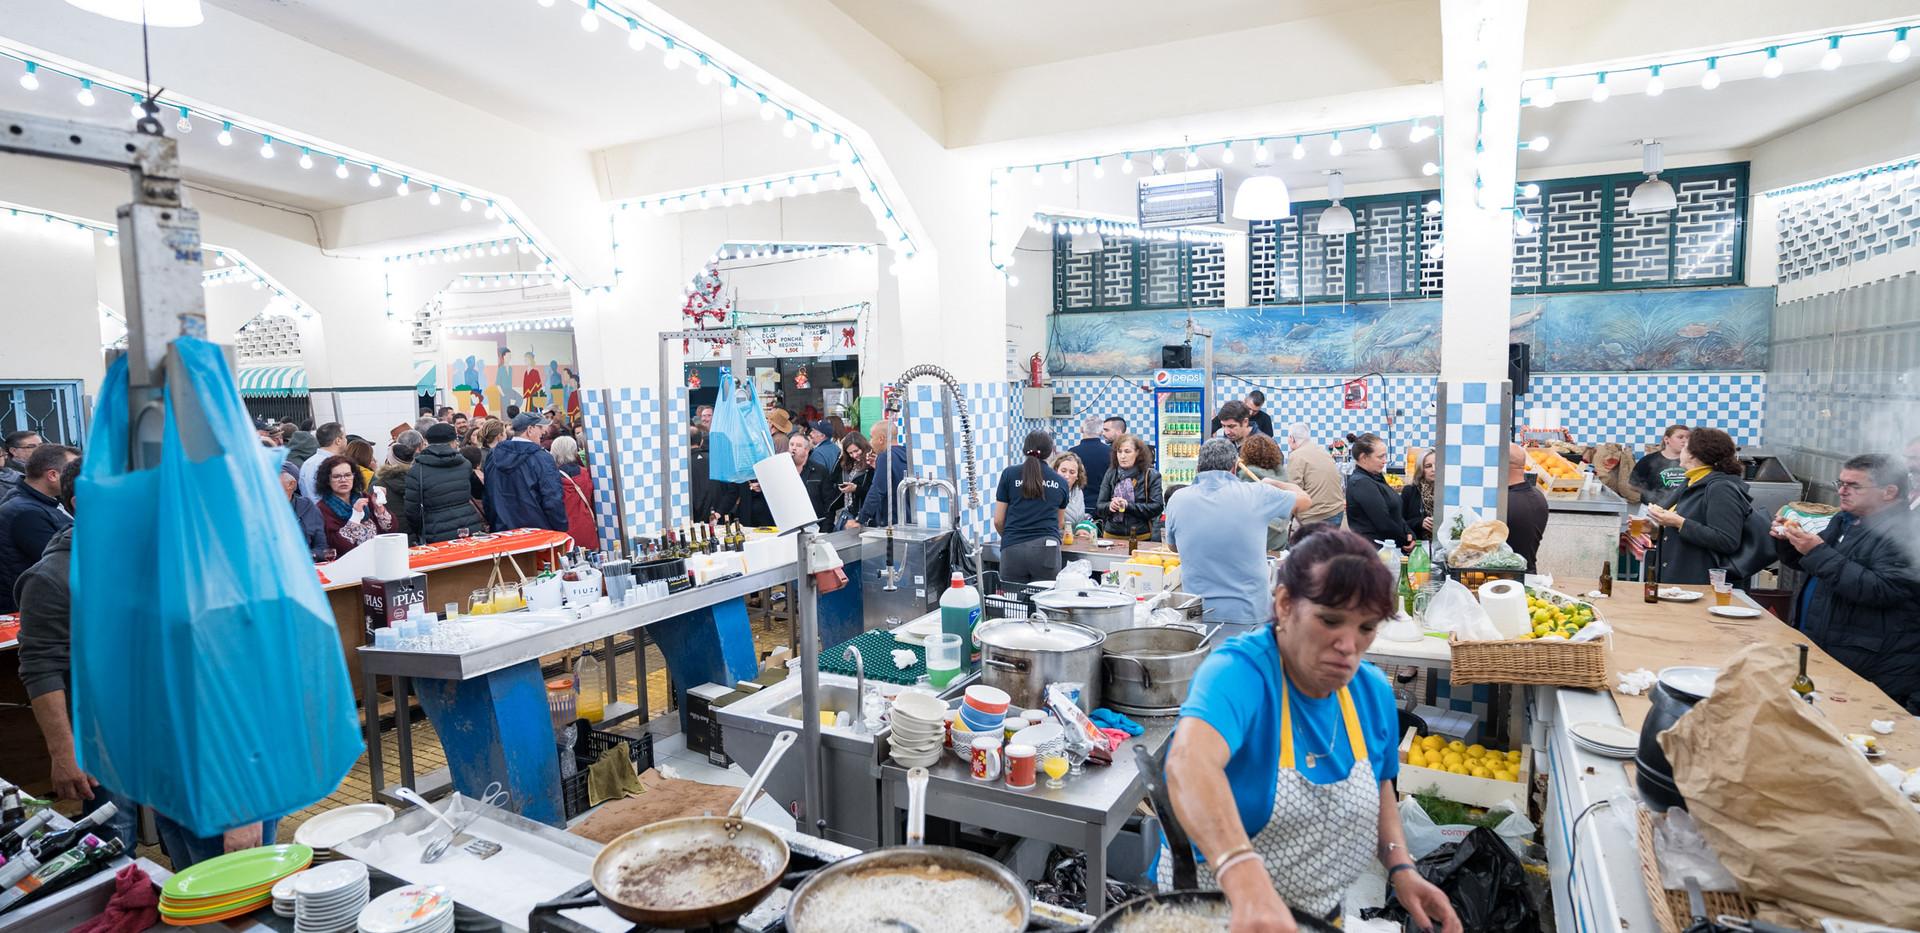 Noite-Mercado-2019-77.jpg